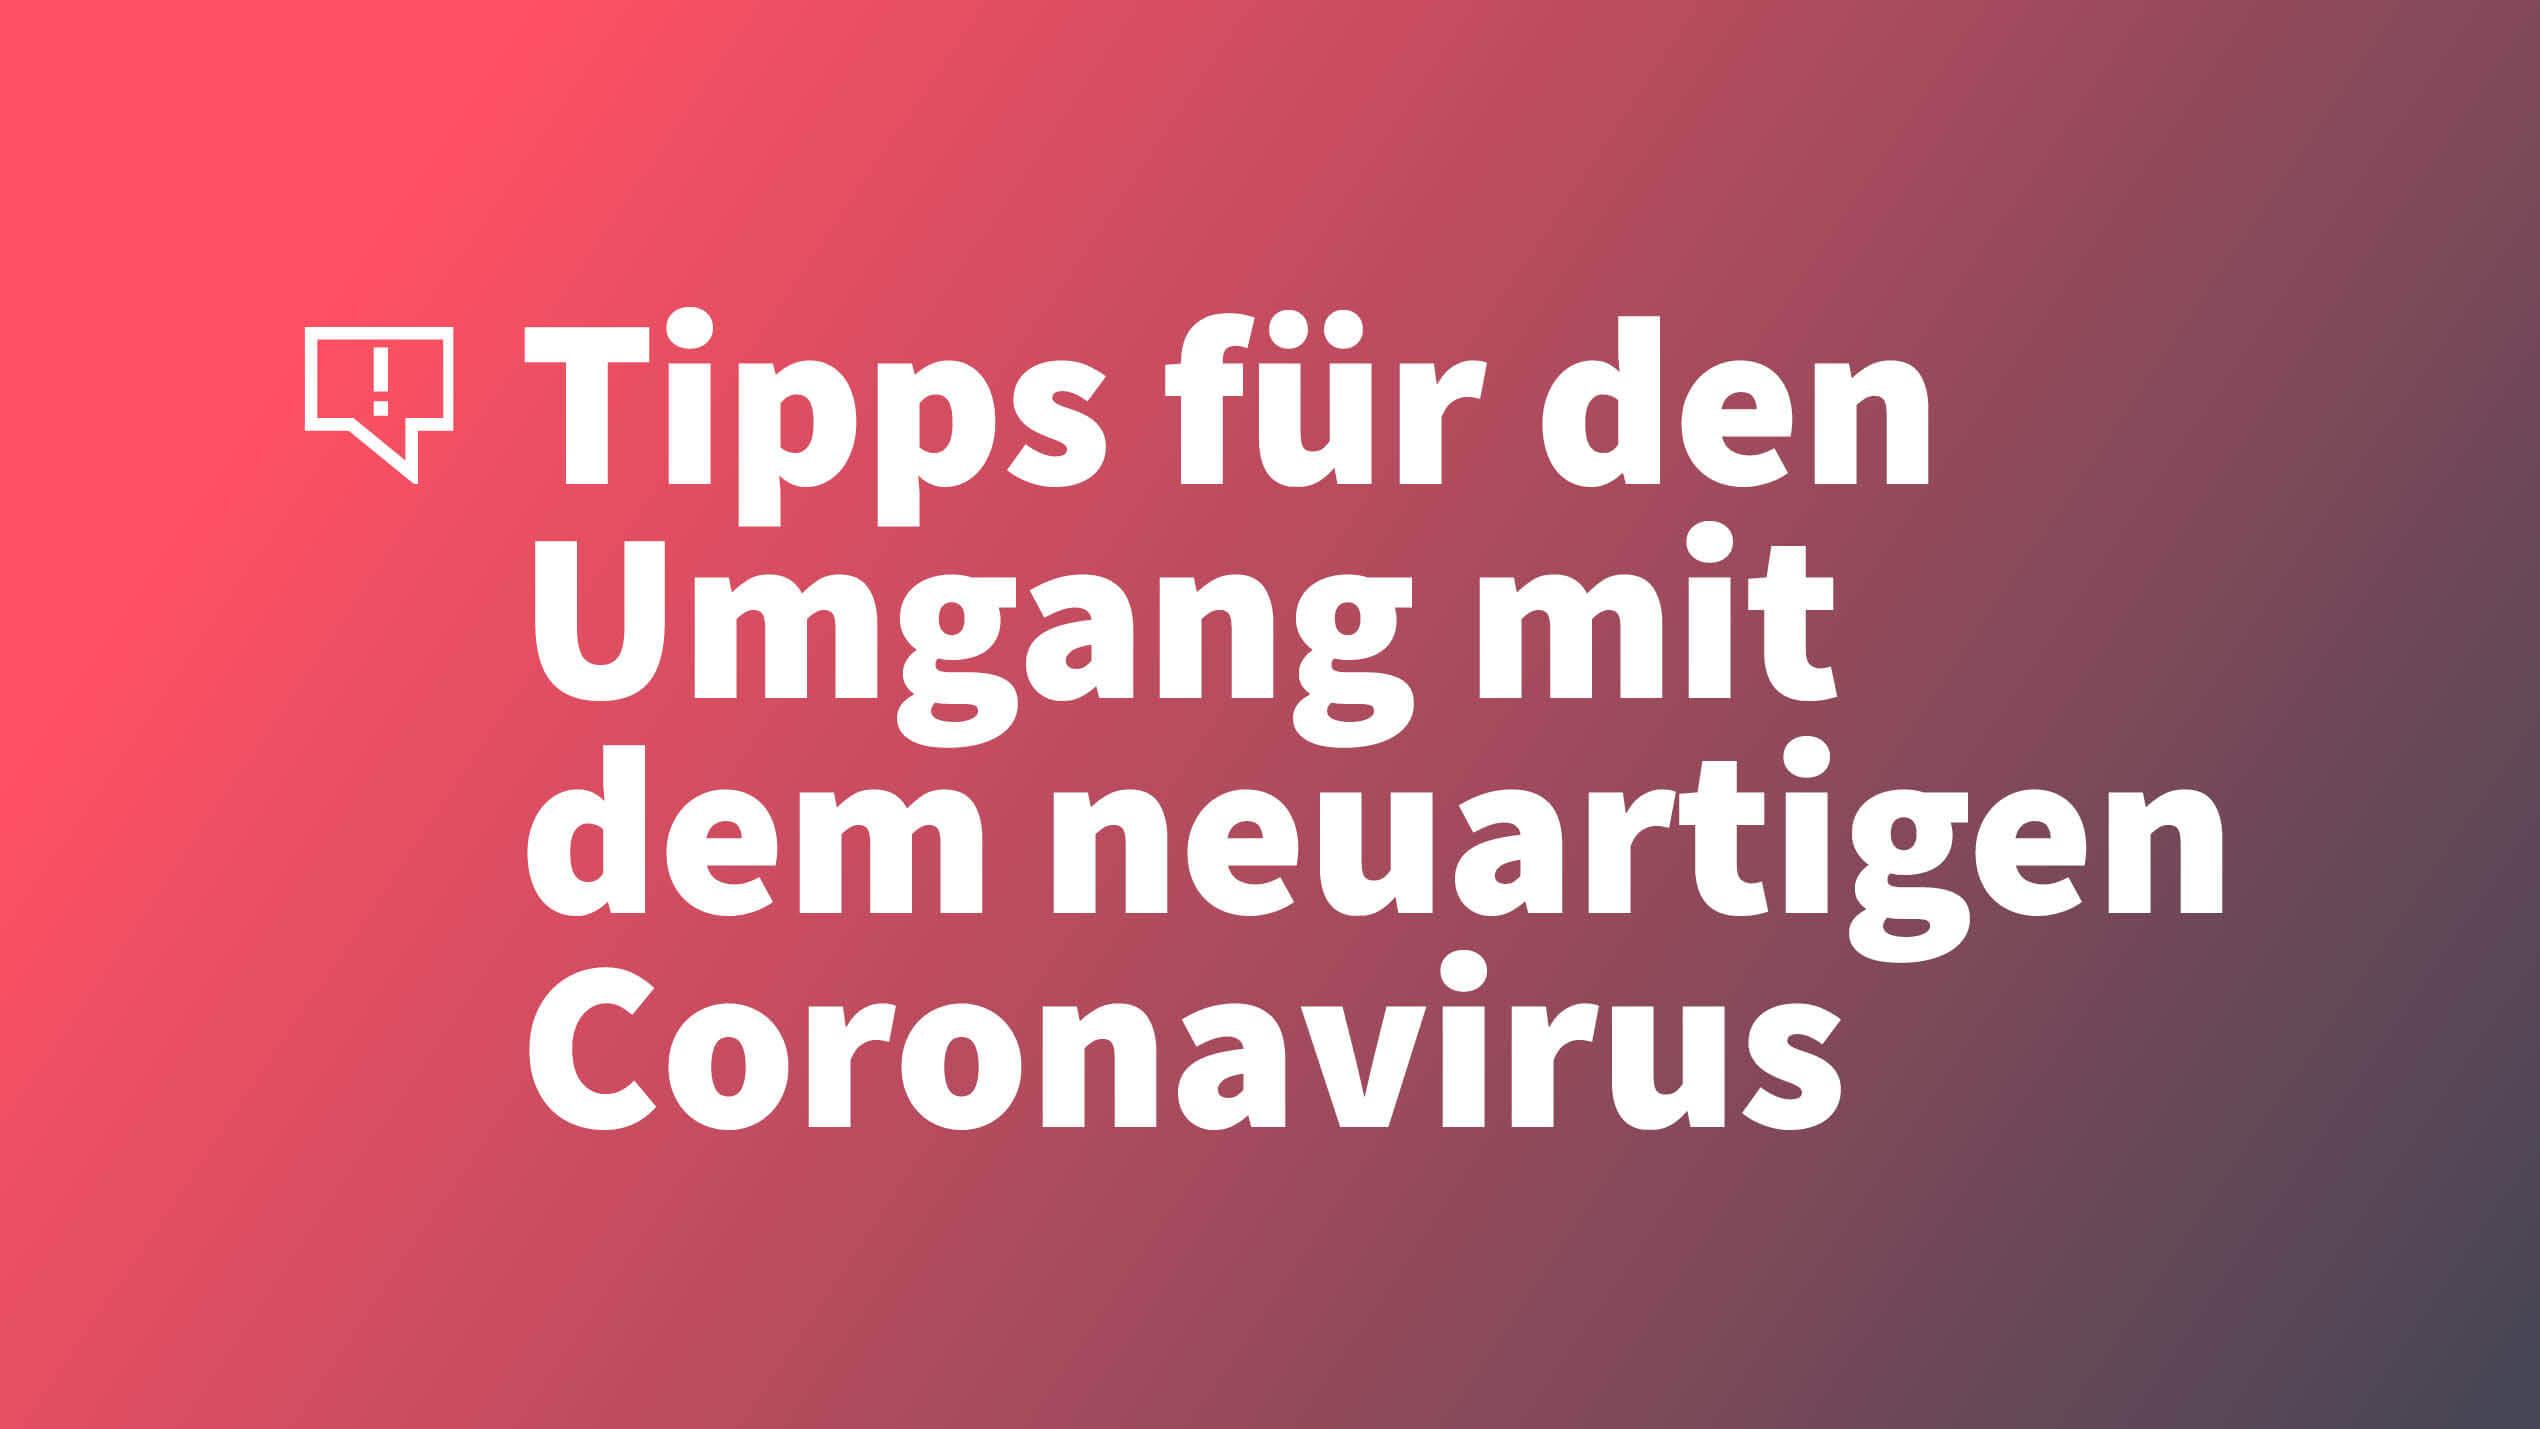 CORONA_Factsheet_Header